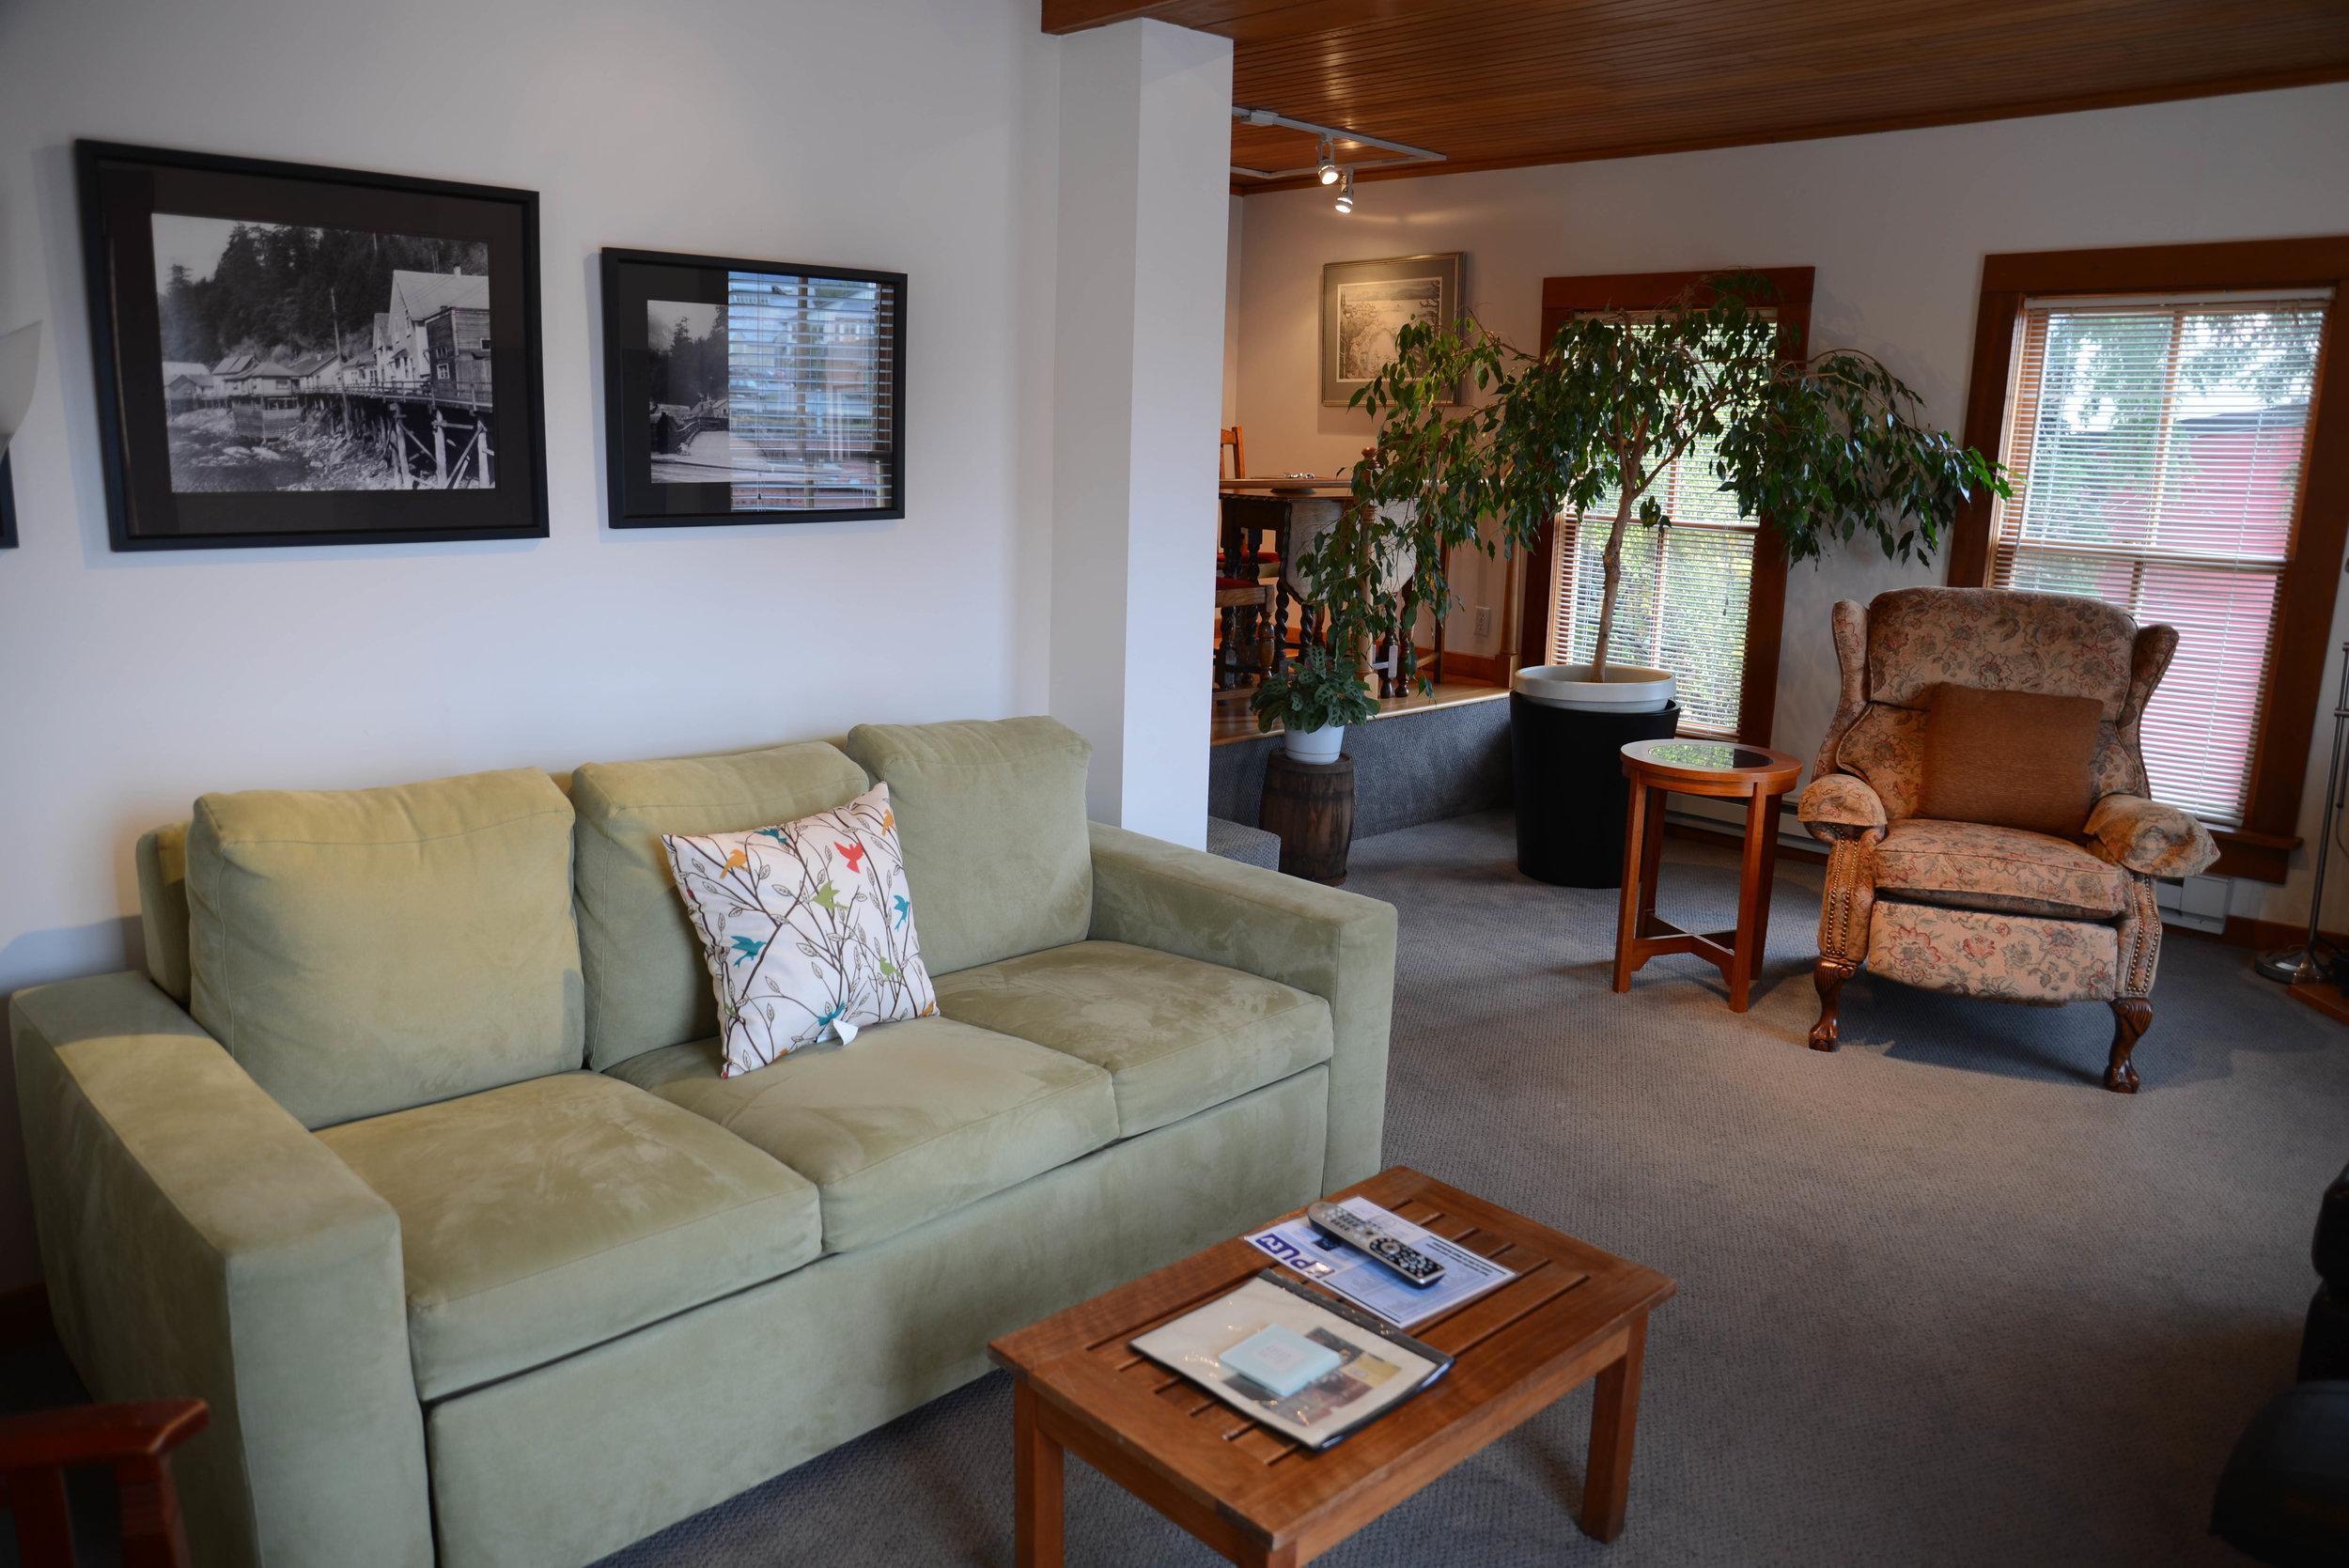 Preachers Living Room (1 of 1).jpg